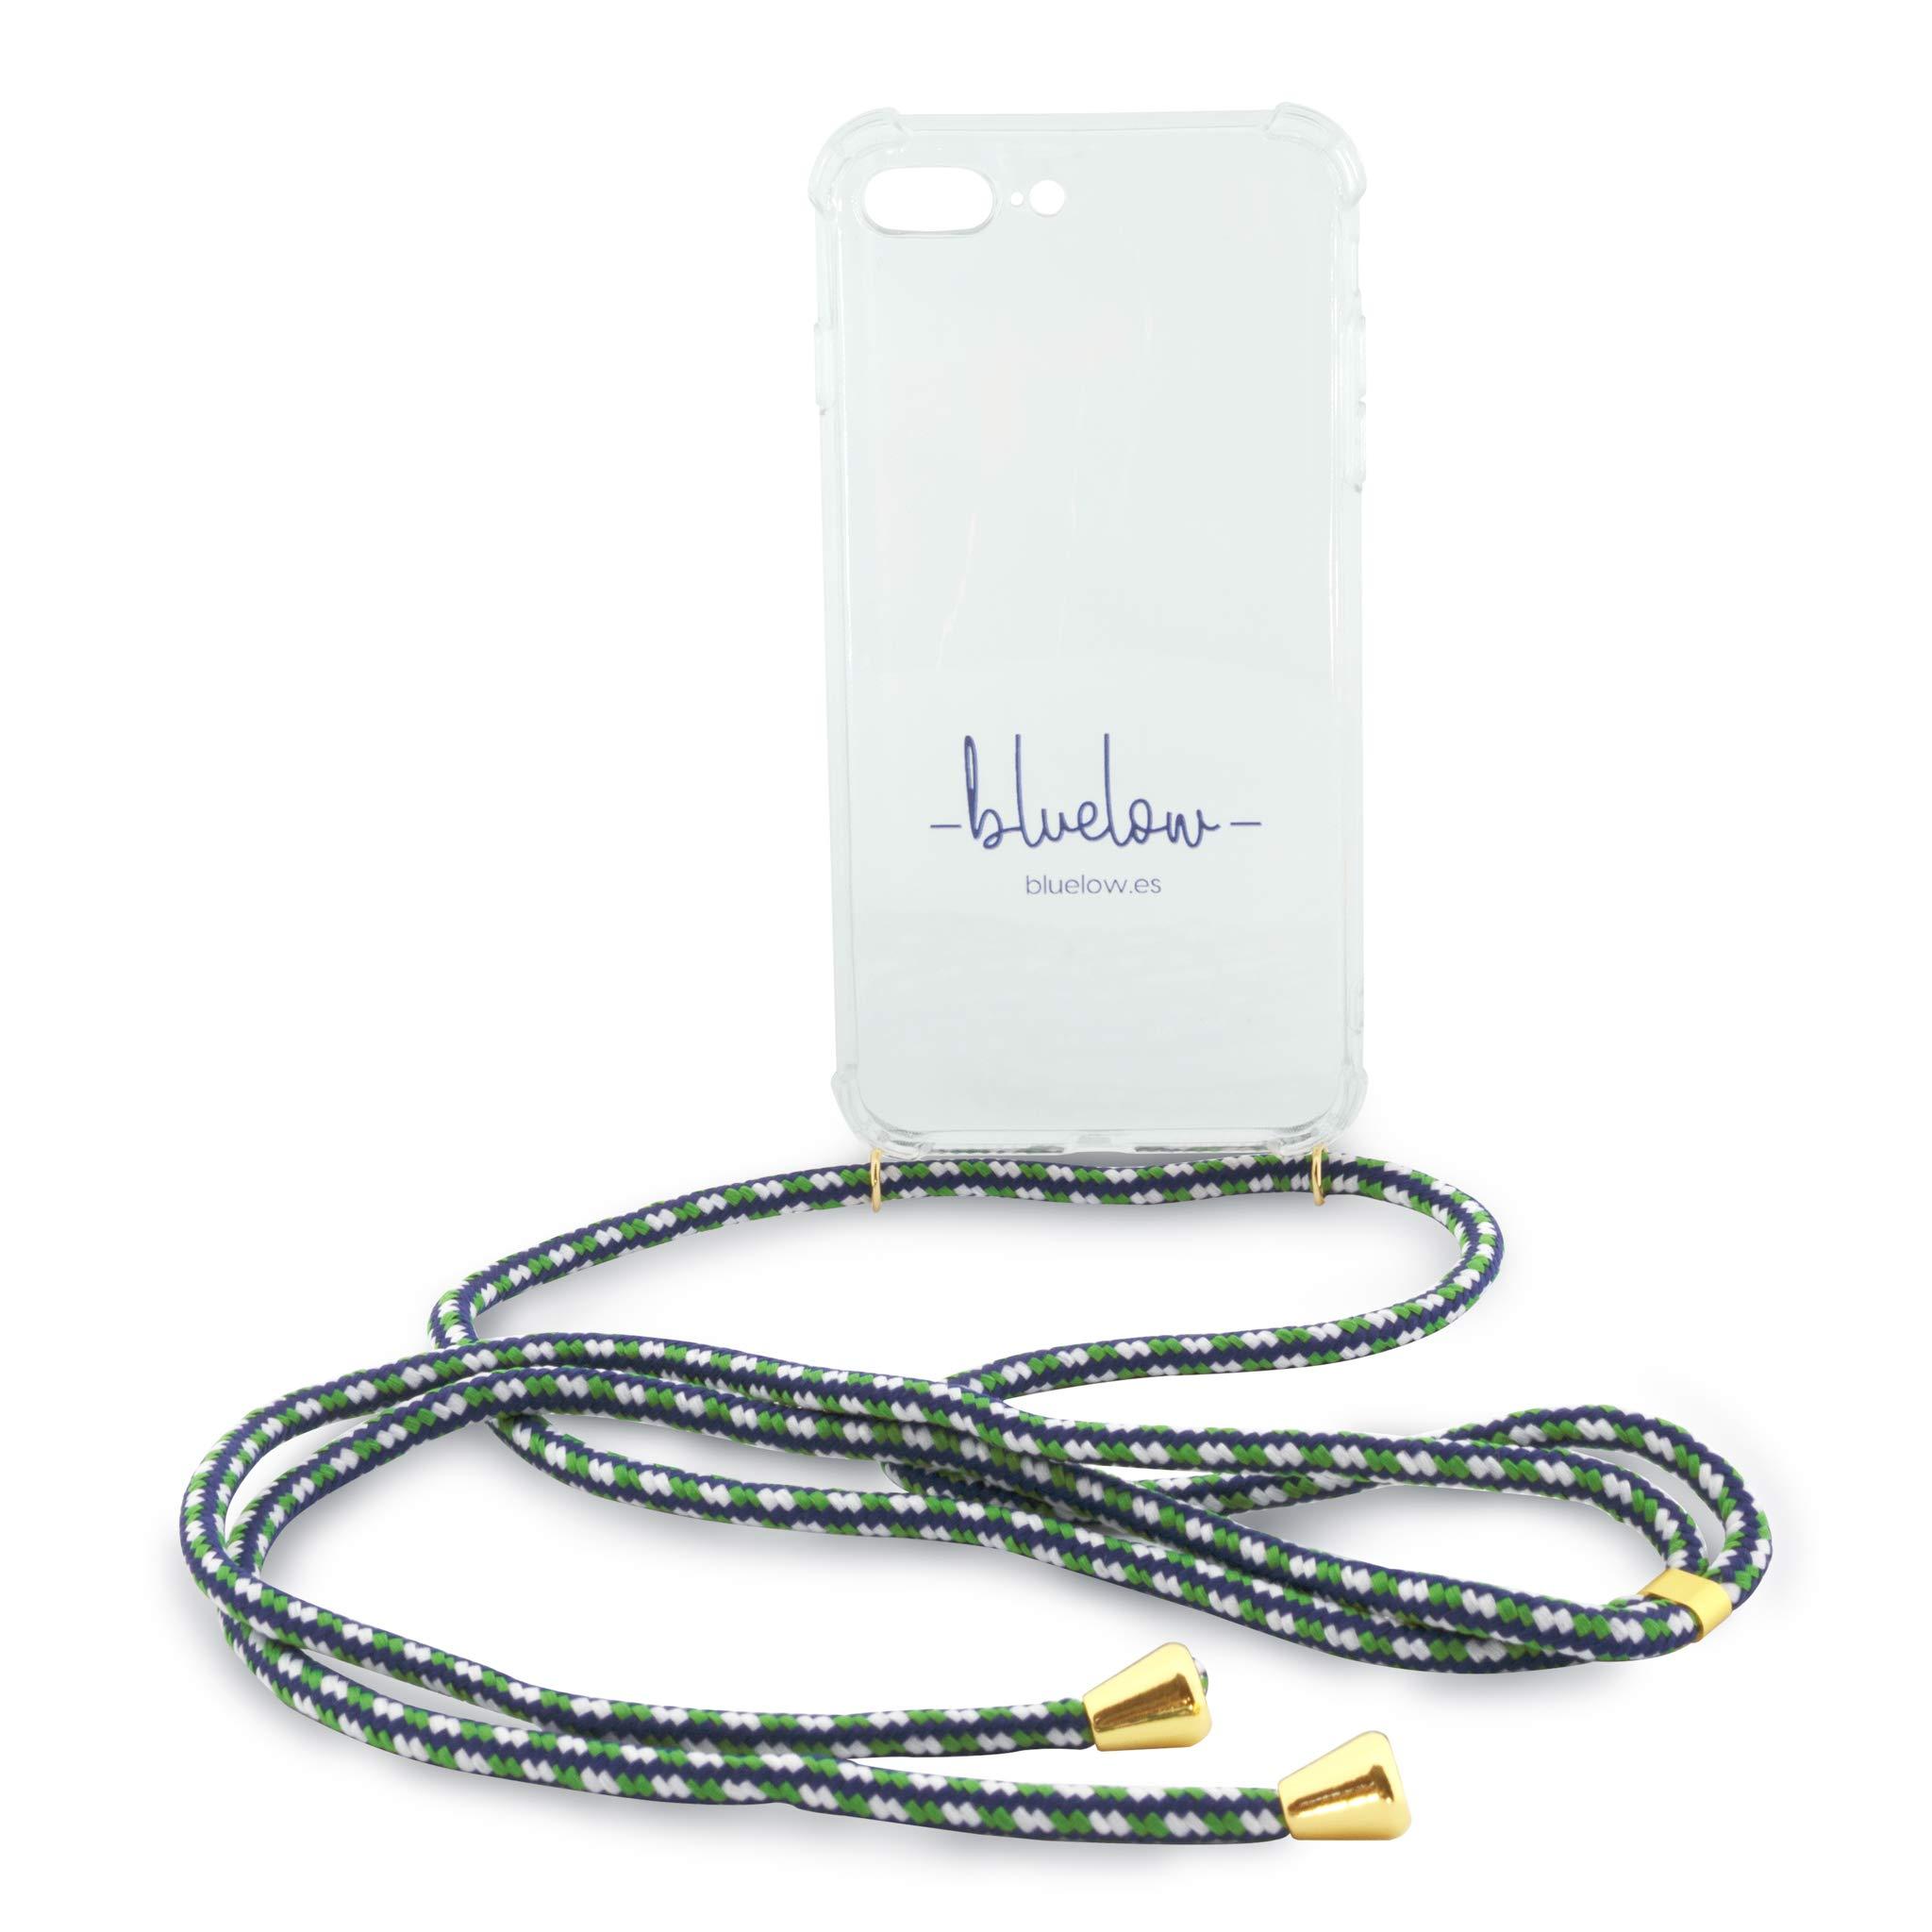 Bluelow - Funda Colgante para iPhone Samsung y Huawei: Amazon.es ...